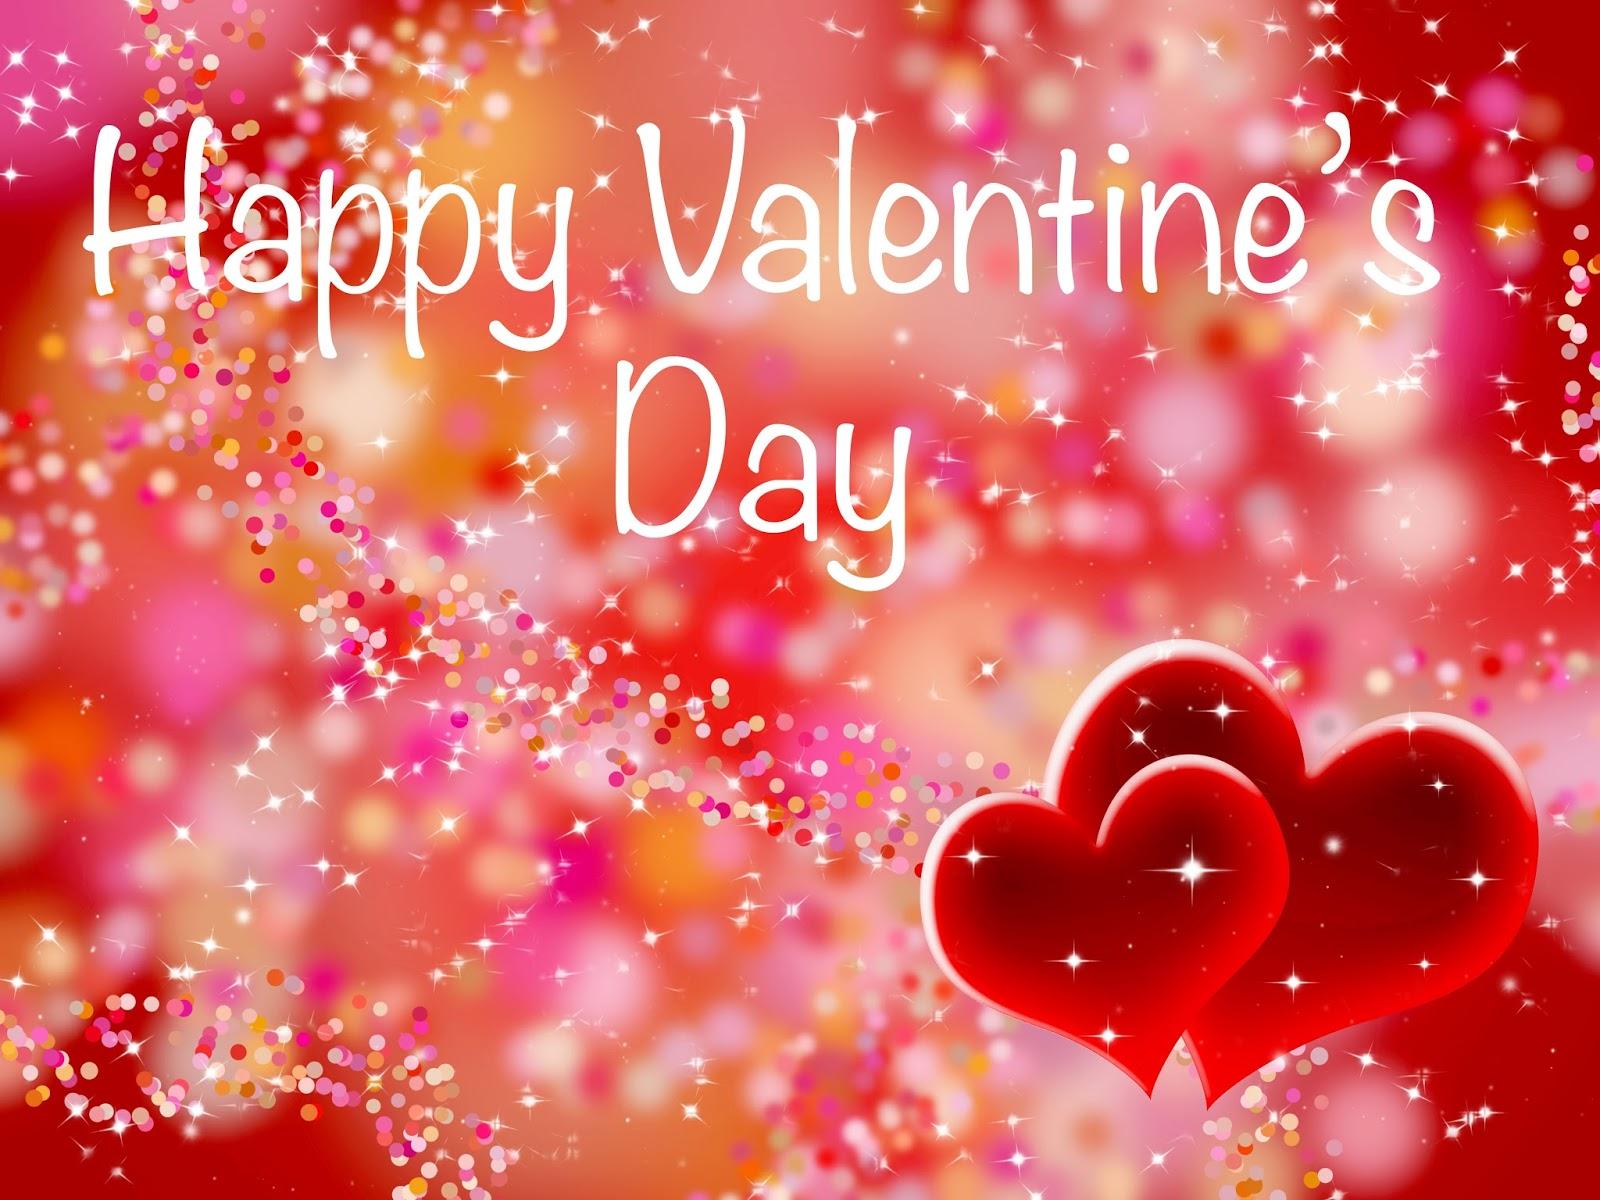 Wallpaper download valentine day - Valentine Day Wallpaper Free Download